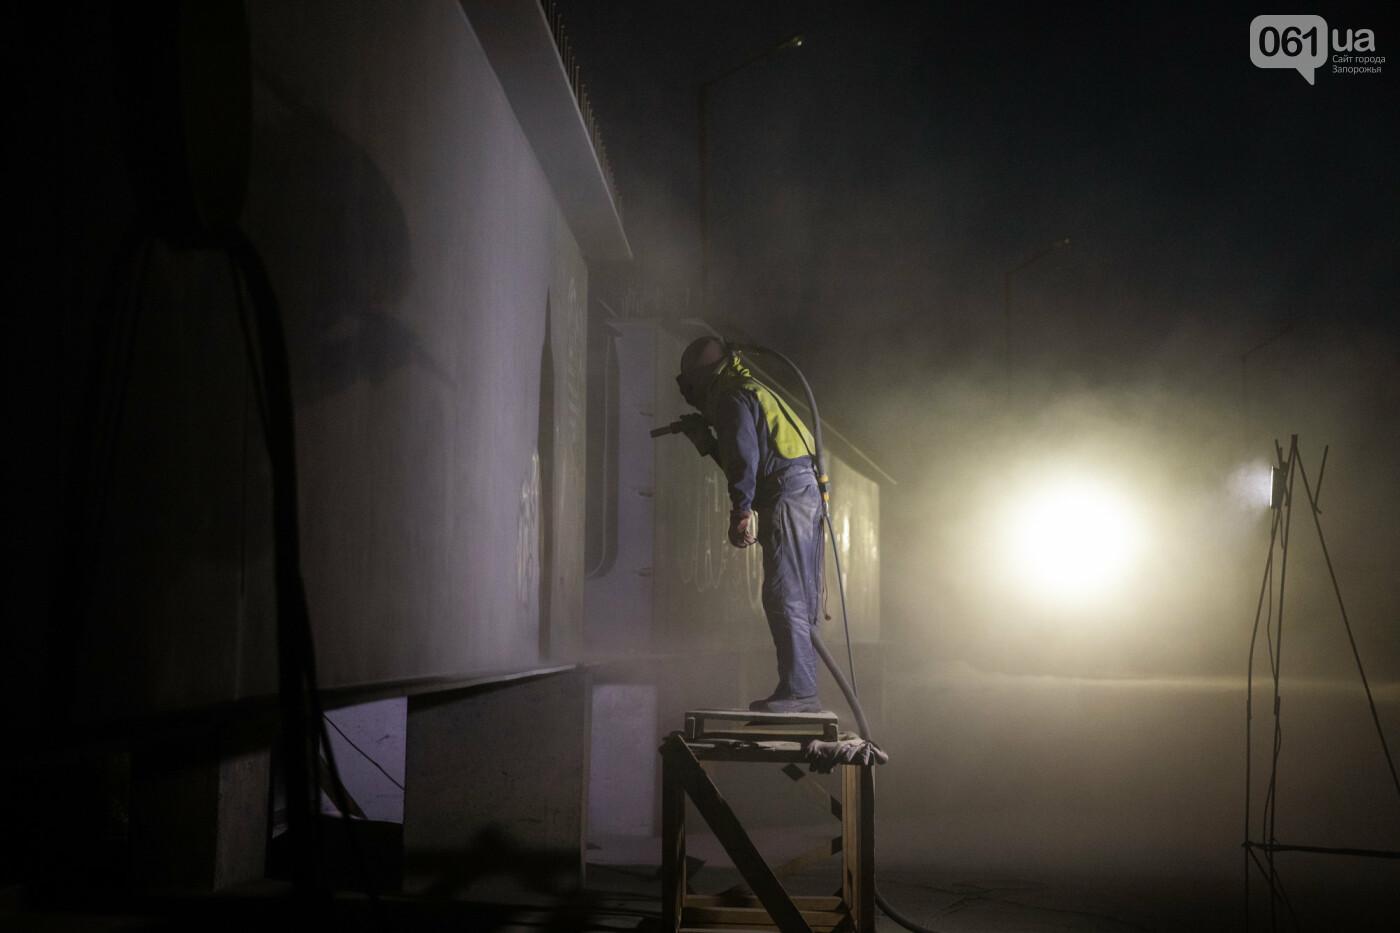 В Запорожье собирают балочный мост через Старый Днепр – строители работают даже ночью, - ФОТОРЕПОРТАЖ , фото-34